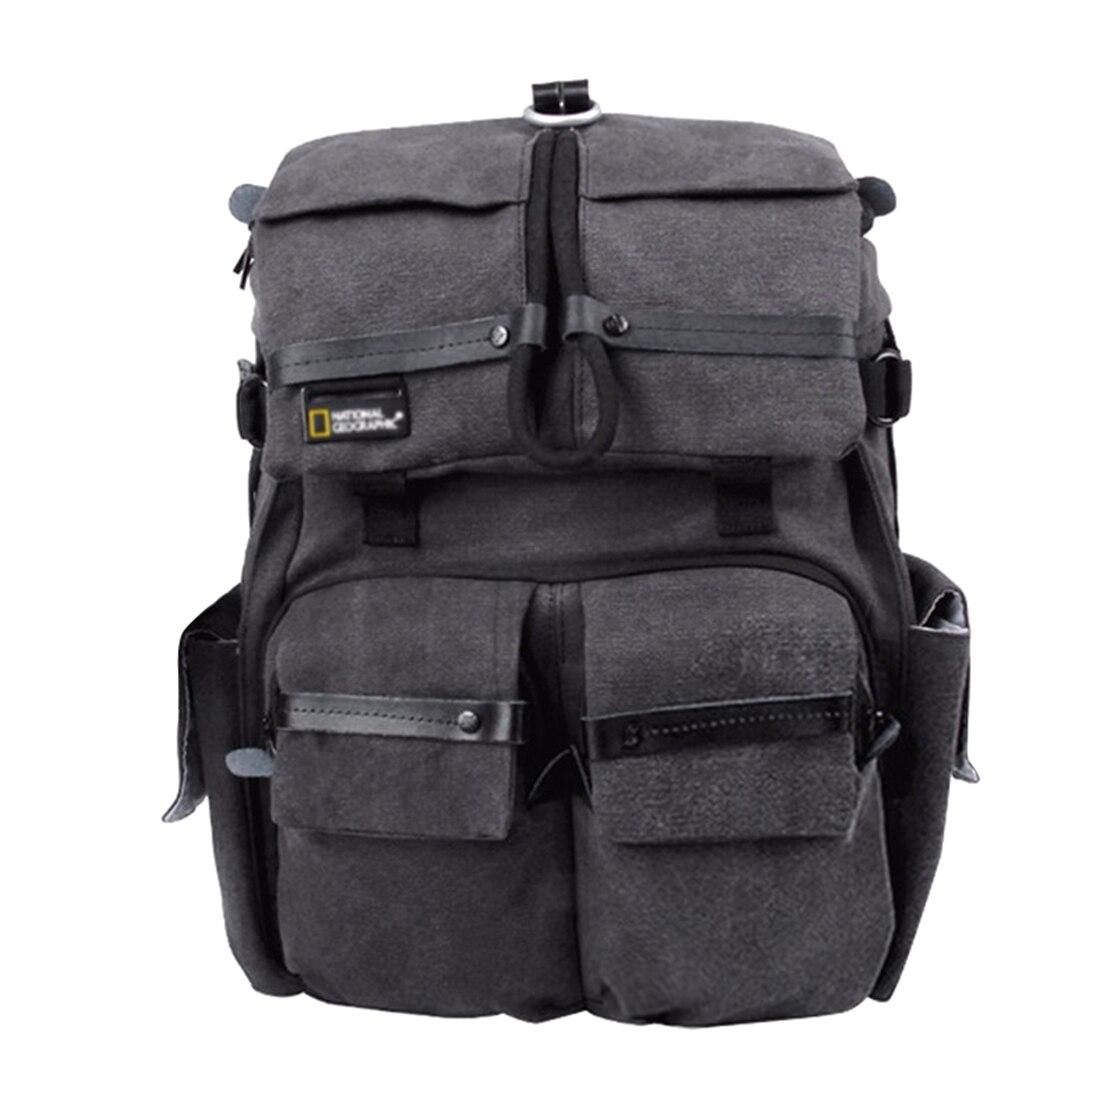 Sac photo de haute qualité NATIONAL GEOGRAPHIC NG W5070 sac à dos pour appareil photo véritable sac de voyage en plein air (version Extra épaisse)